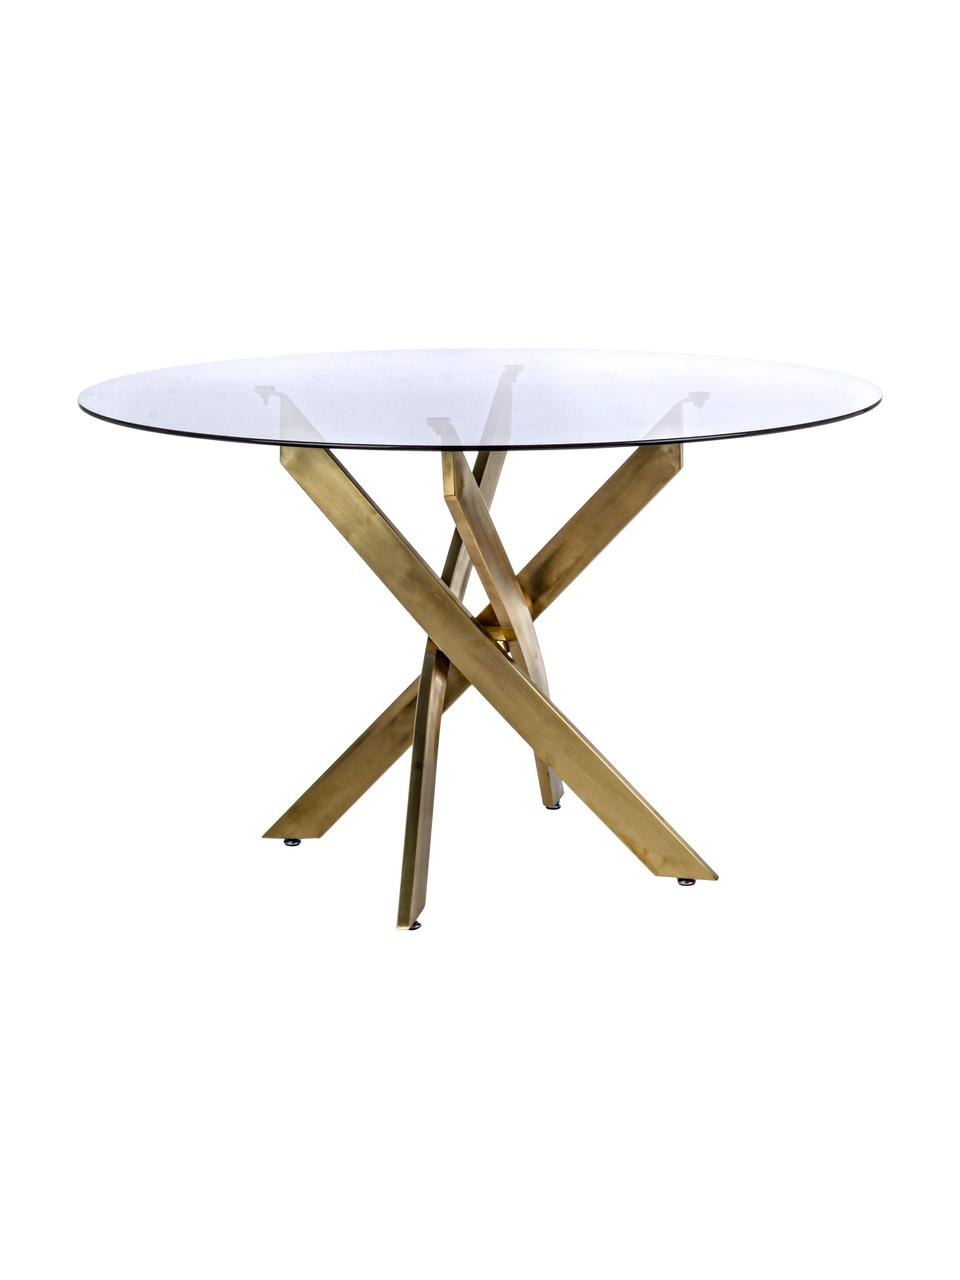 Esstisch George mit Glasplatte, Tischplatte: Glas, getönt, Beine: Metall, pulverbeschichtet, Schwarz, Messingfarben, Ø 120 x H 75 cm